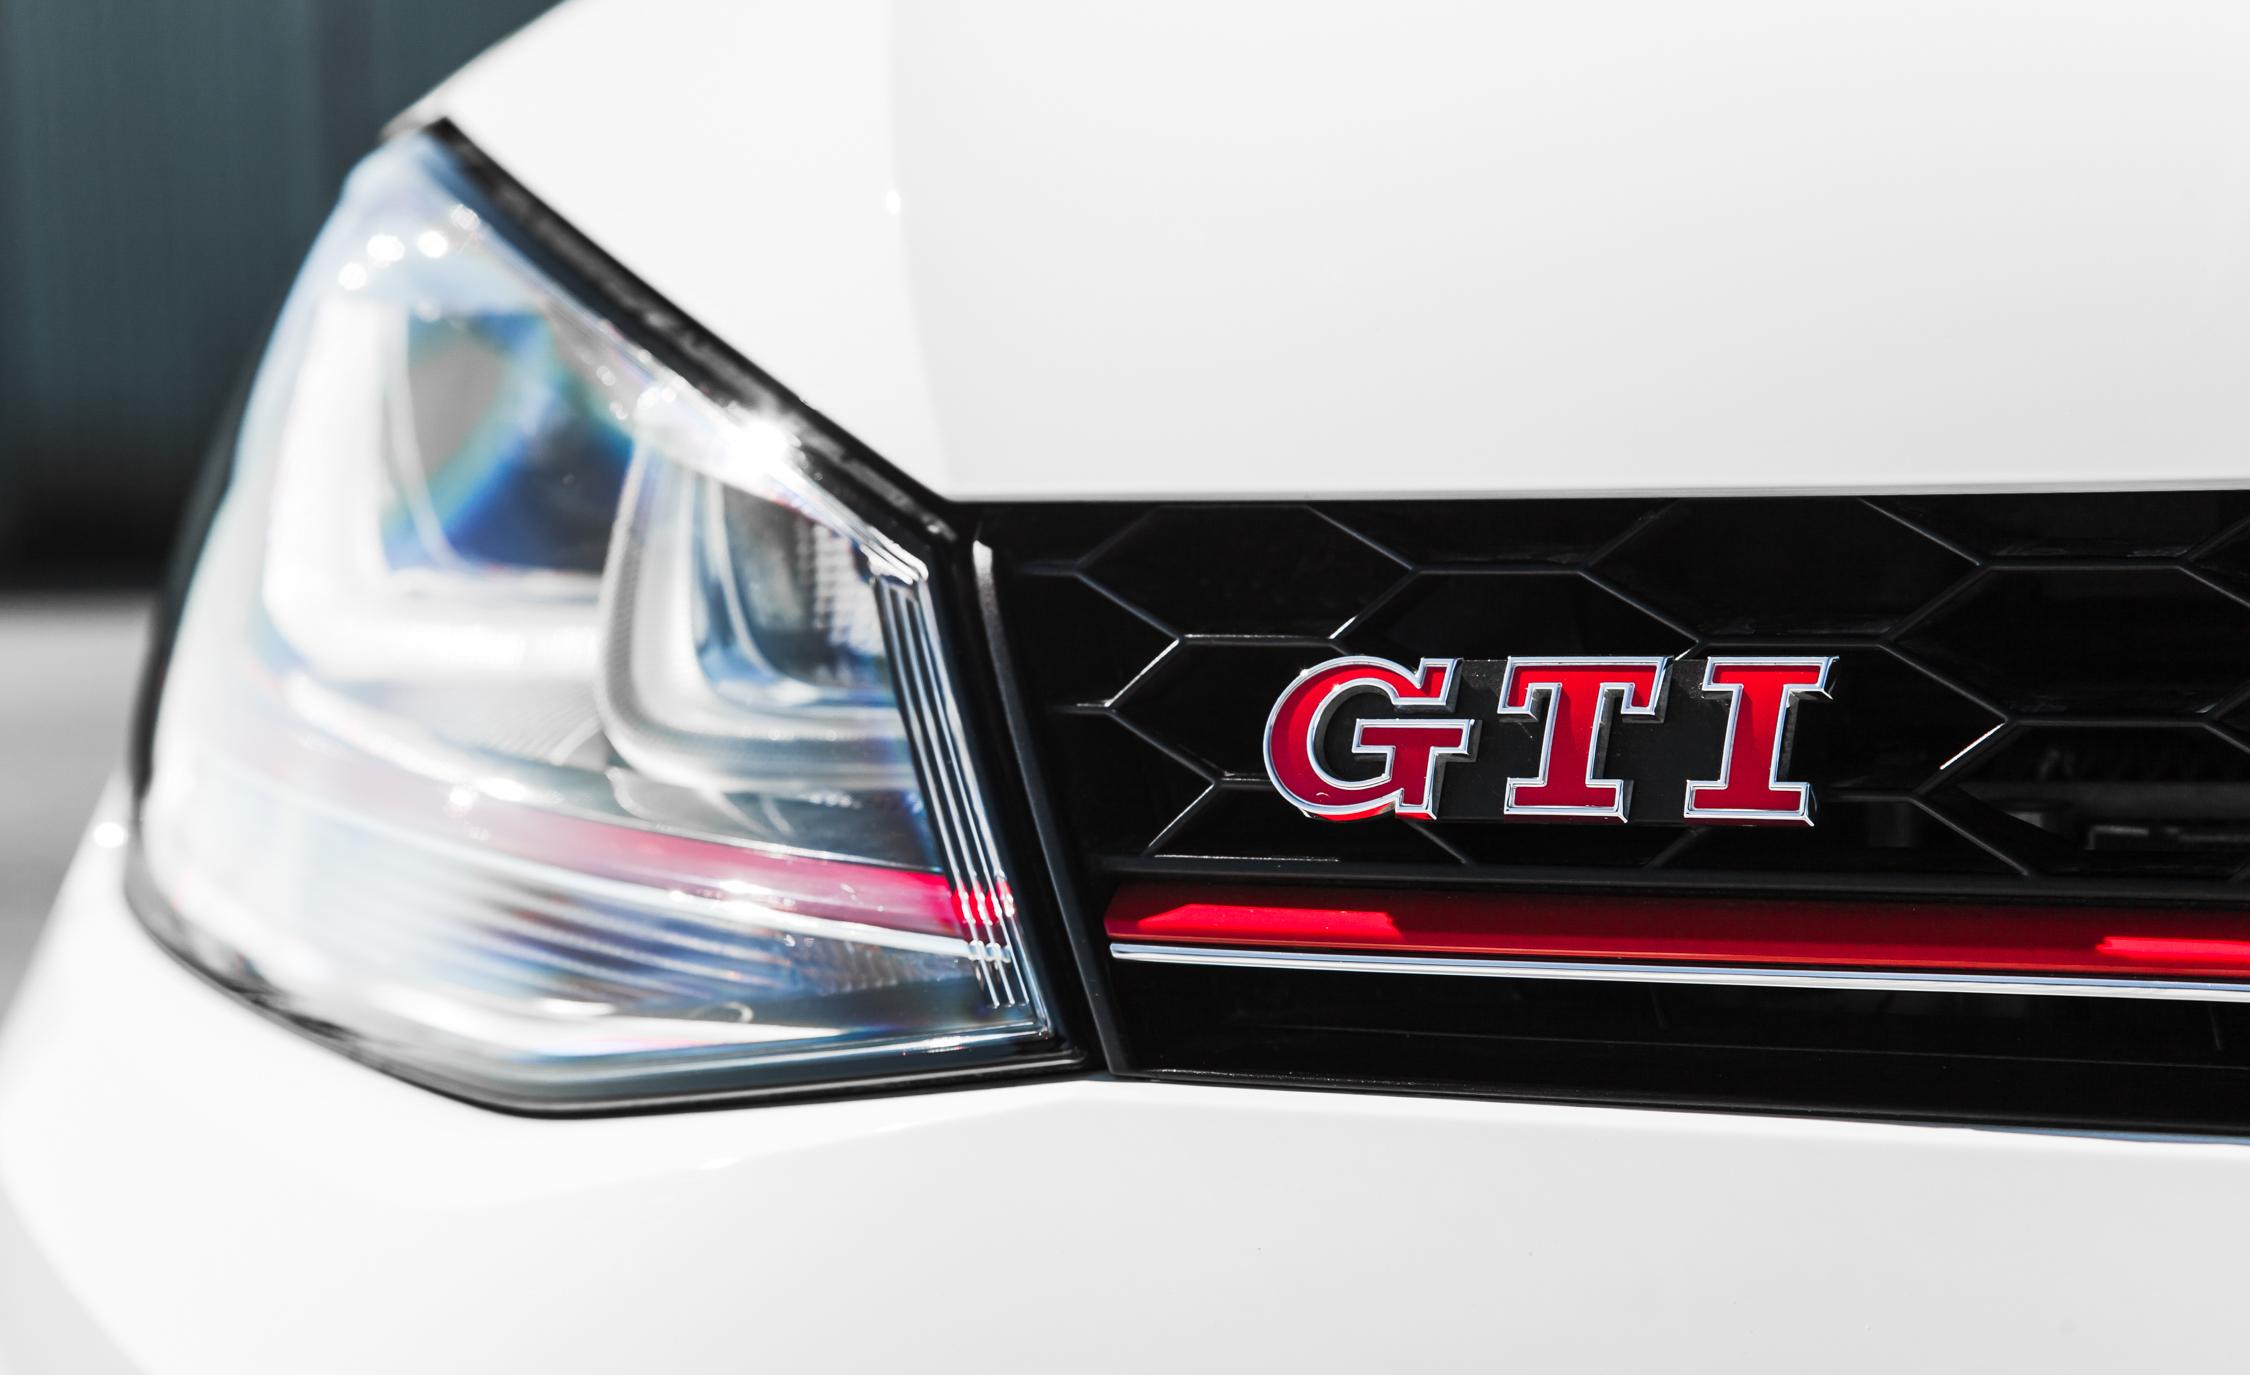 2015 Volkswagen GTI Exterior Front GTI Badge